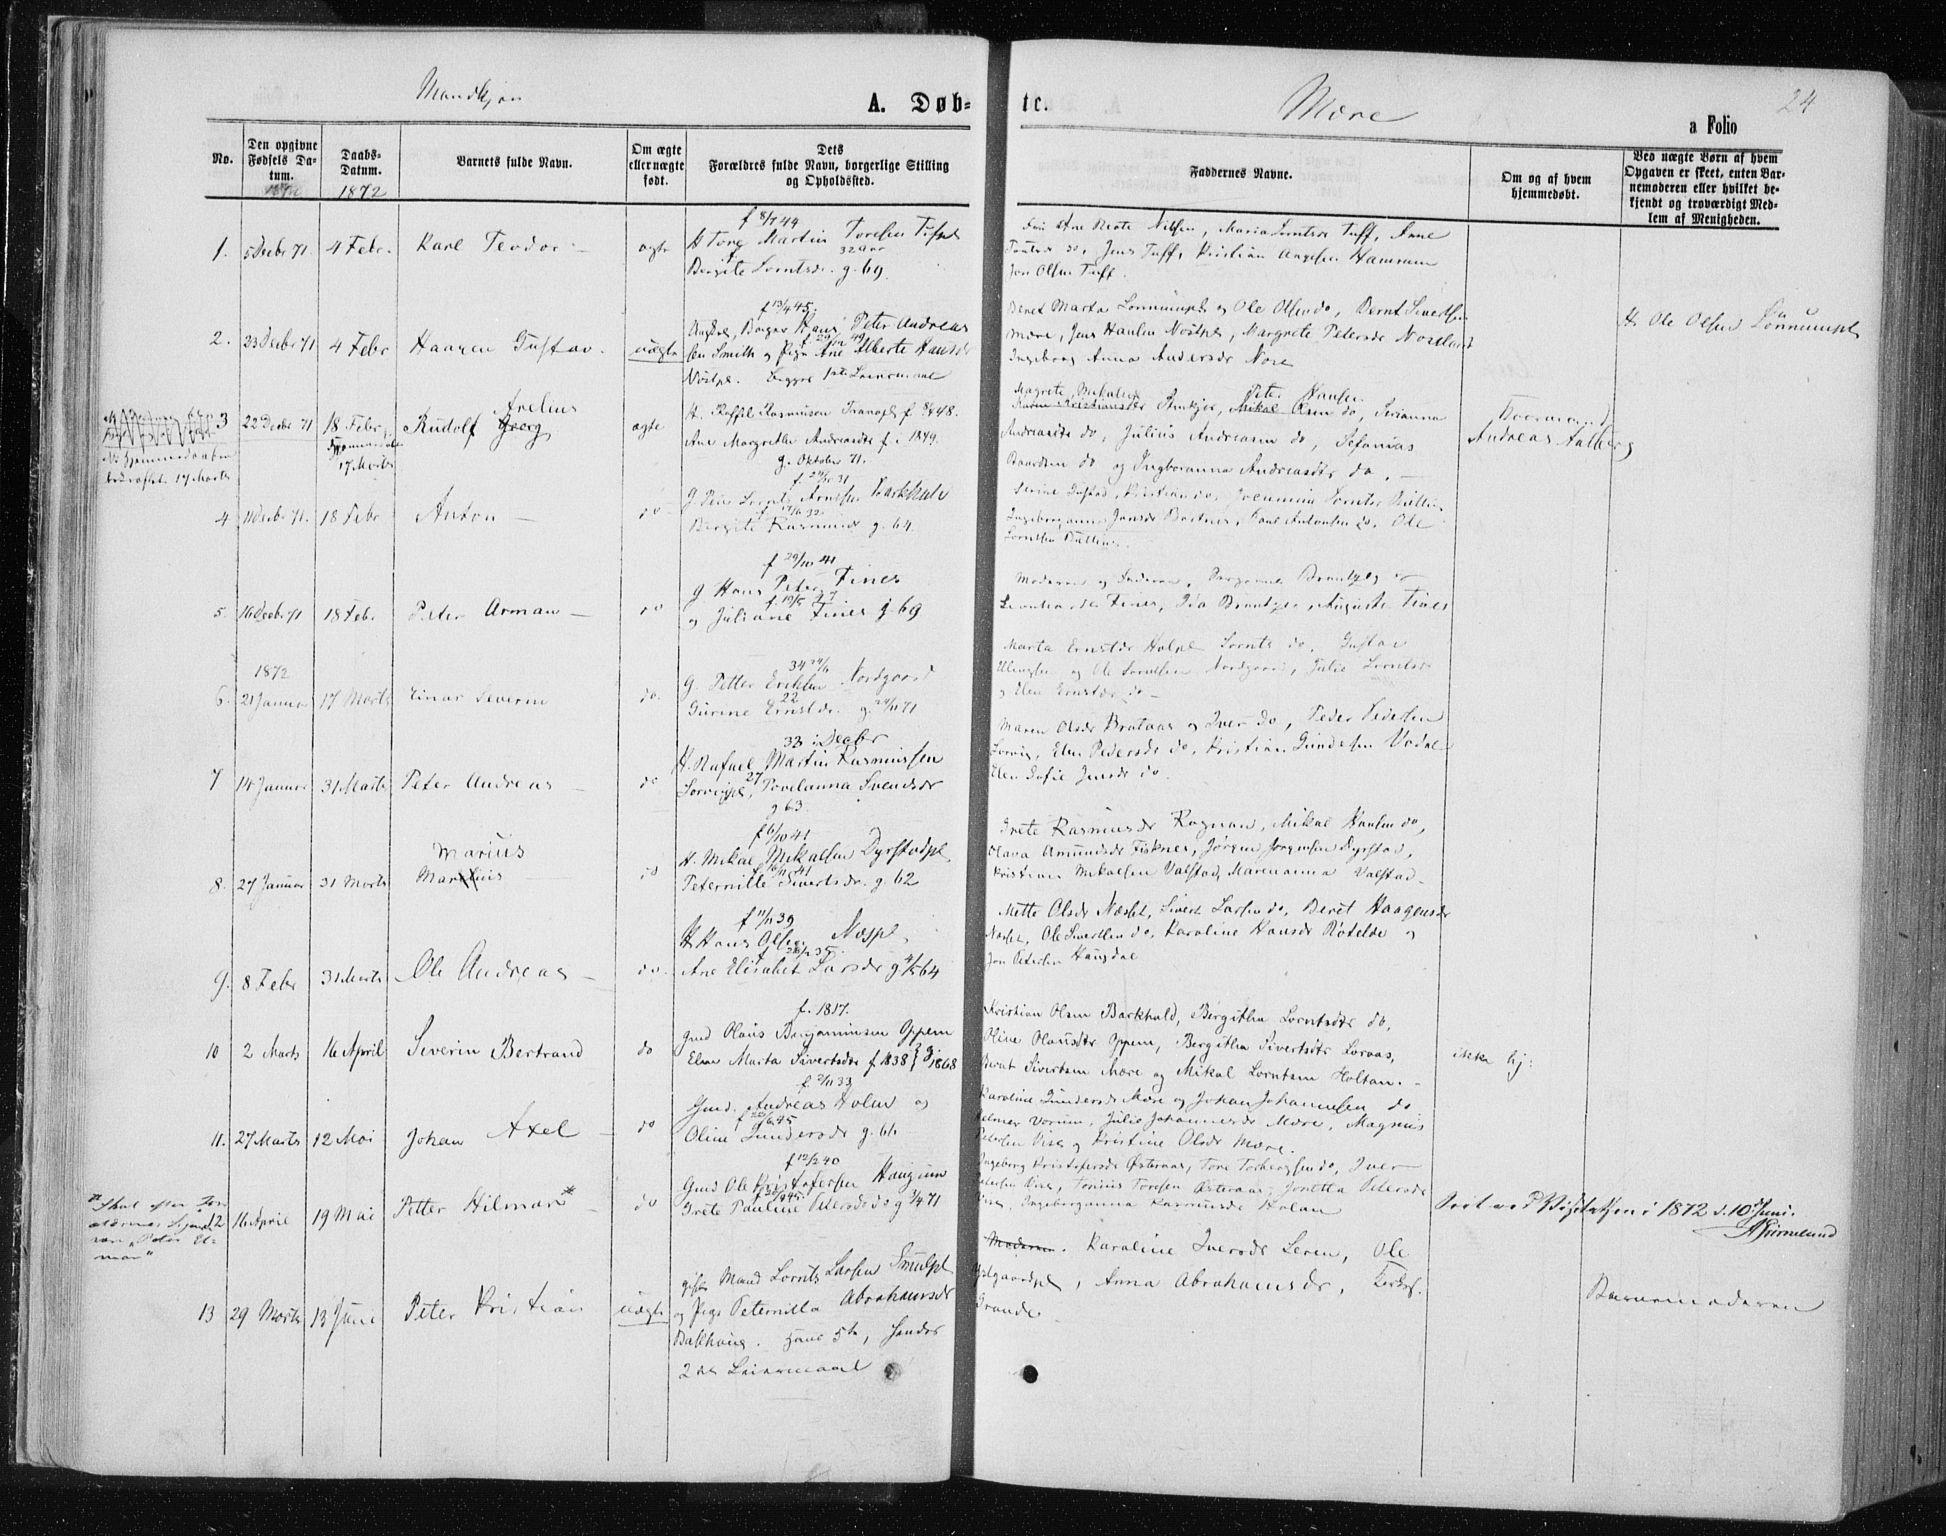 SAT, Ministerialprotokoller, klokkerbøker og fødselsregistre - Nord-Trøndelag, 735/L0345: Ministerialbok nr. 735A08 /1, 1863-1872, s. 24